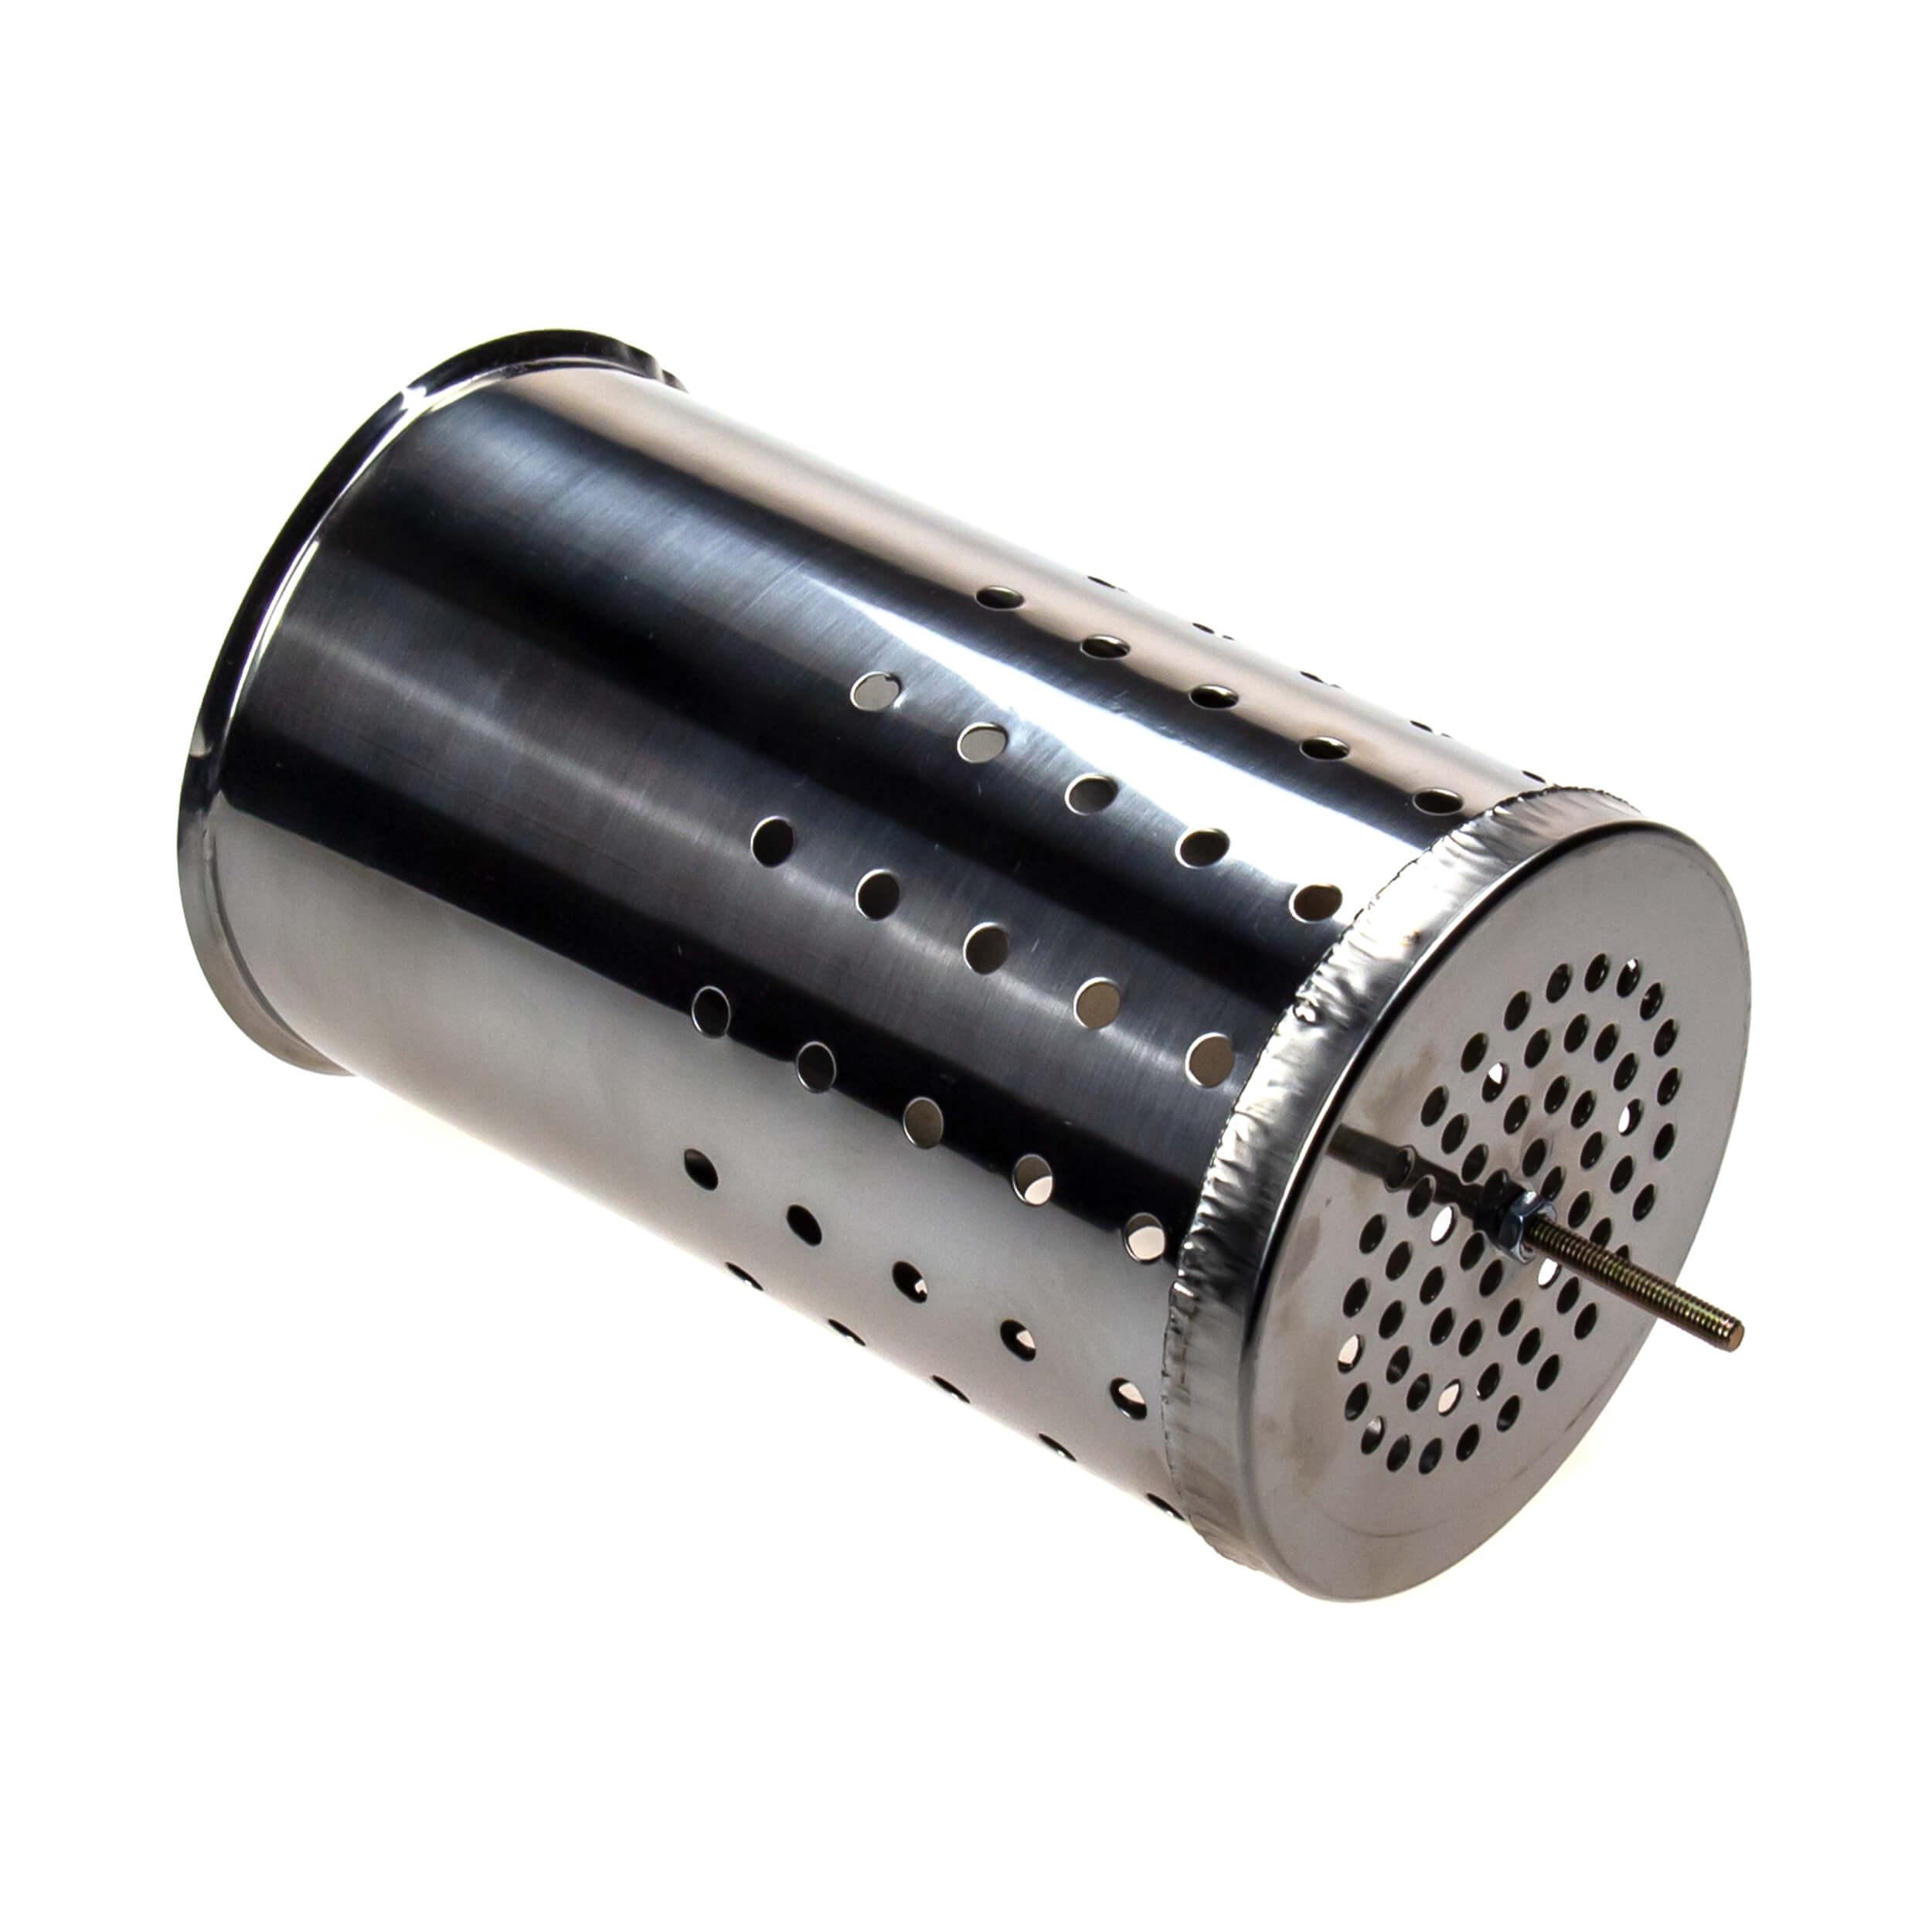 Дополнительный стакан для дымаря (нержавейка, 155х95) фото